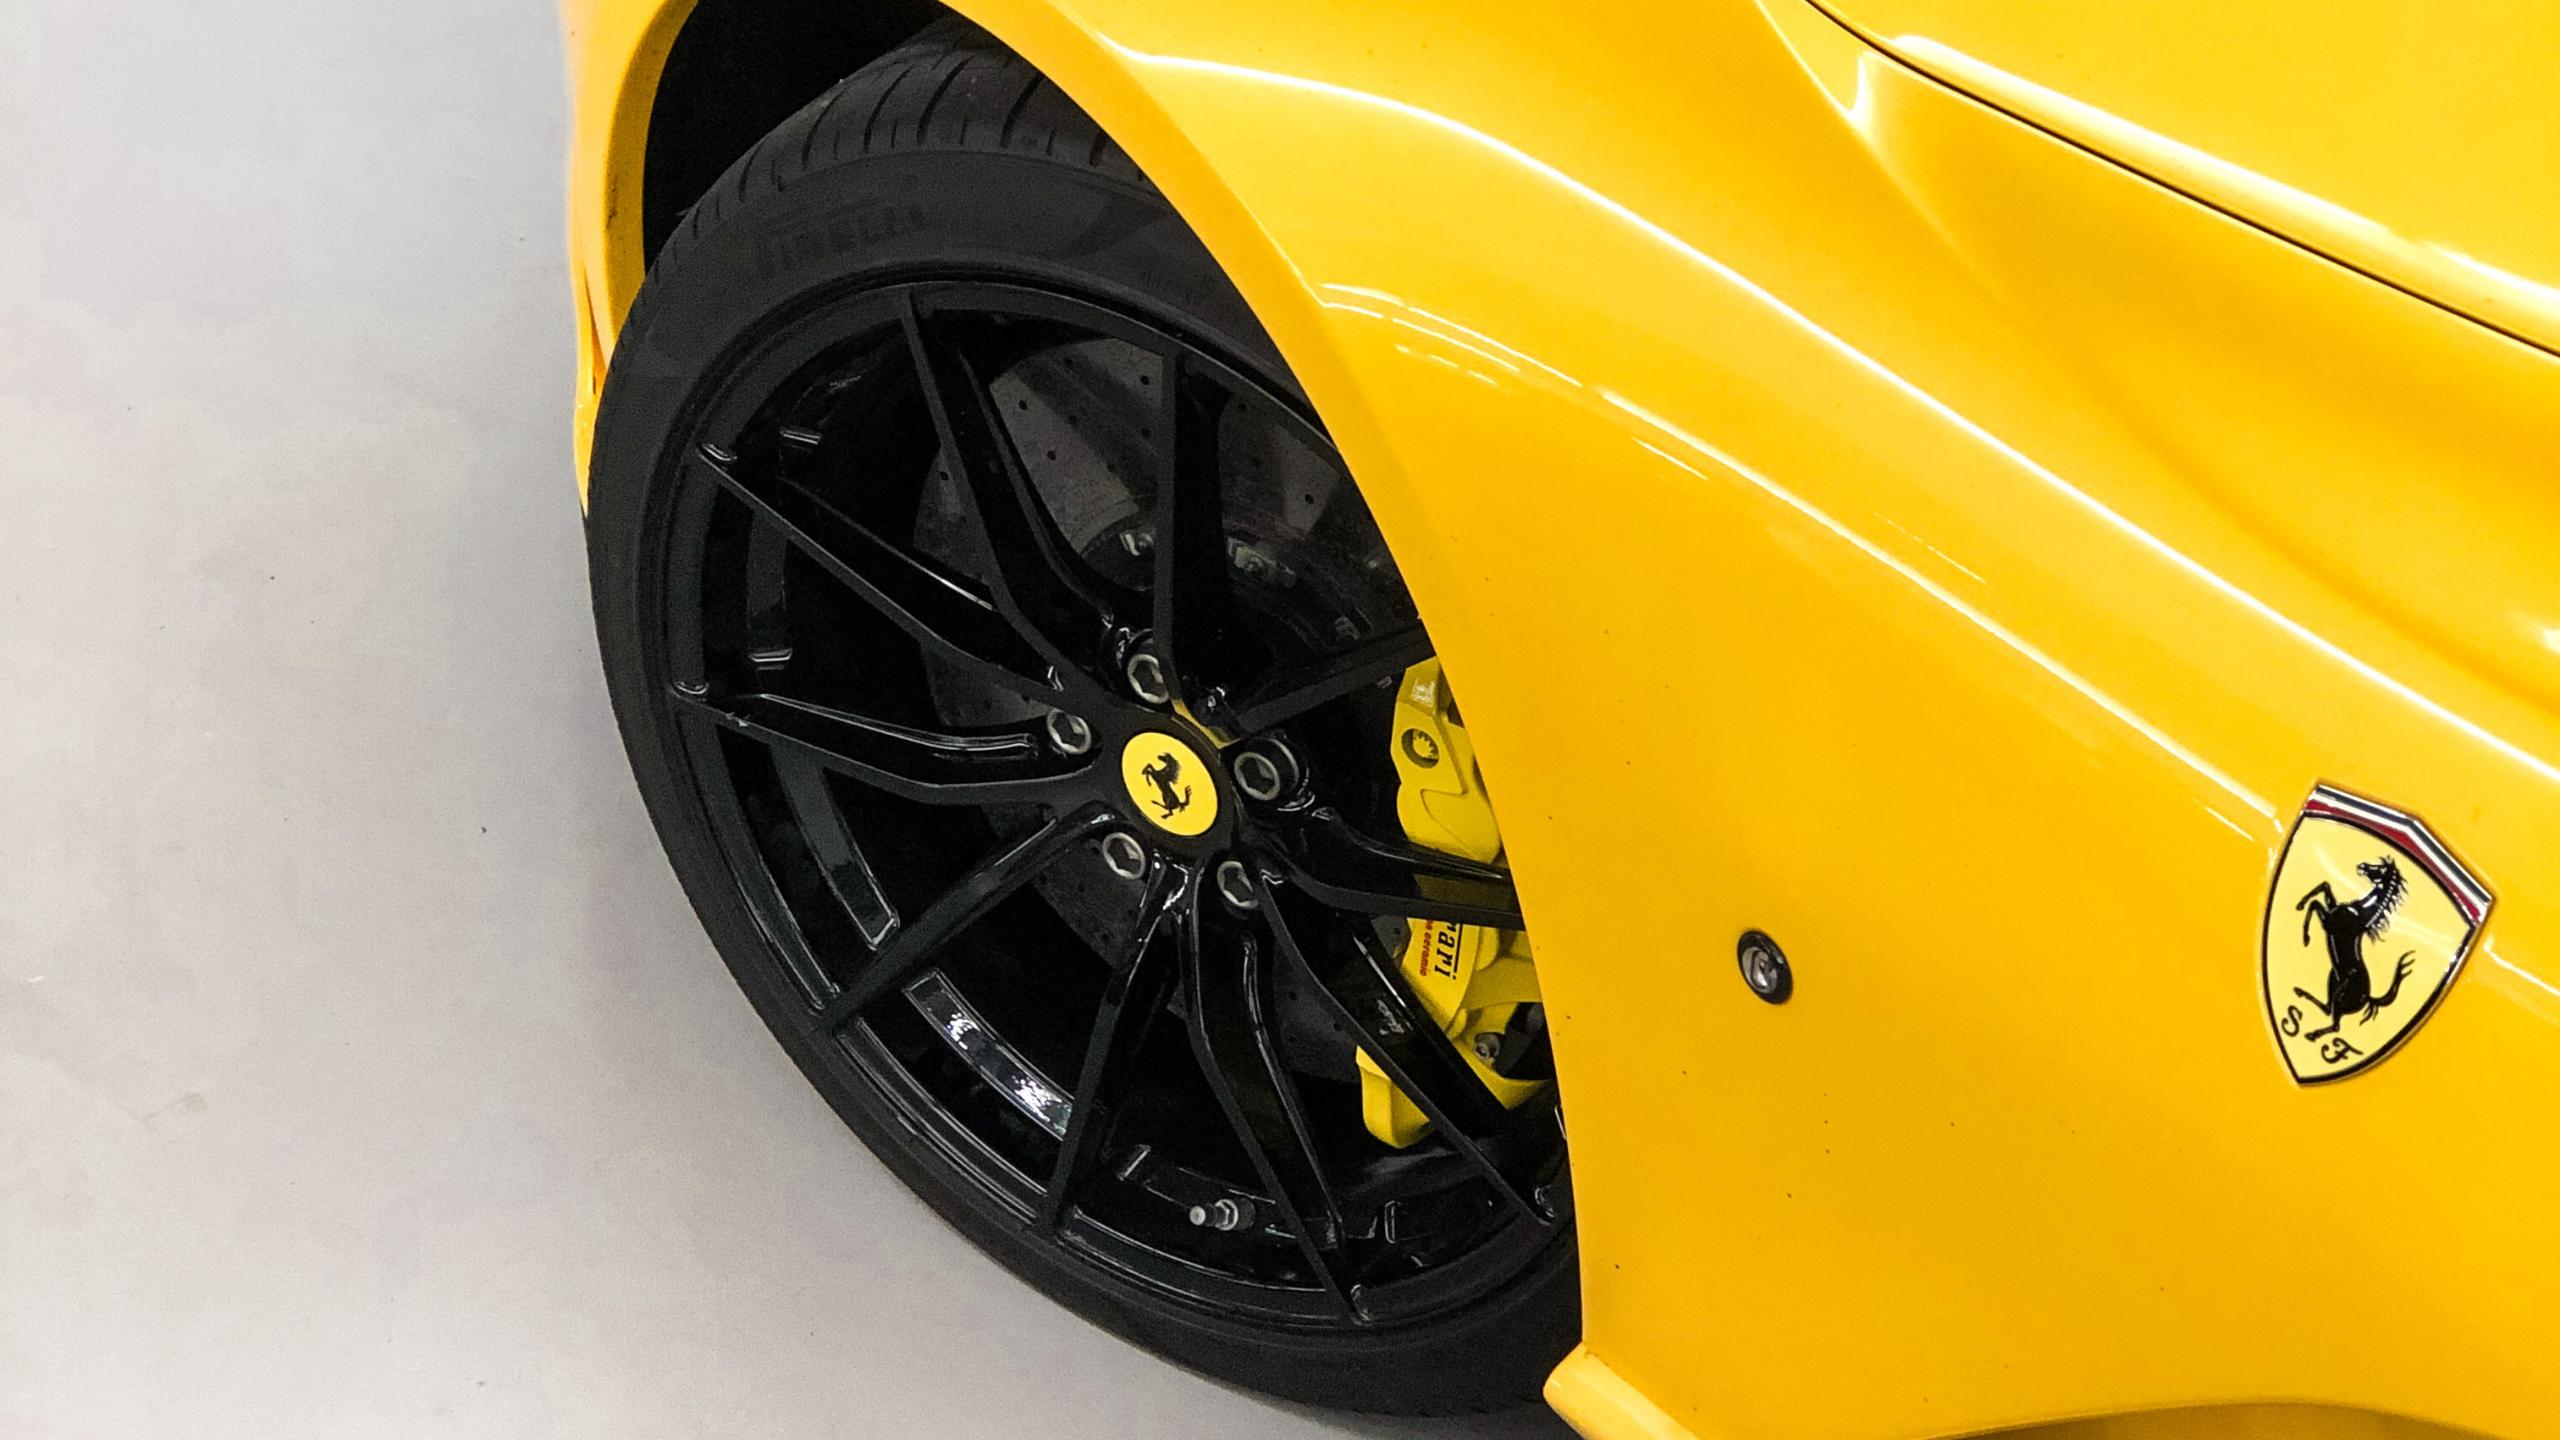 Ferrari 812 Superfast gelb Felge Detailansicht